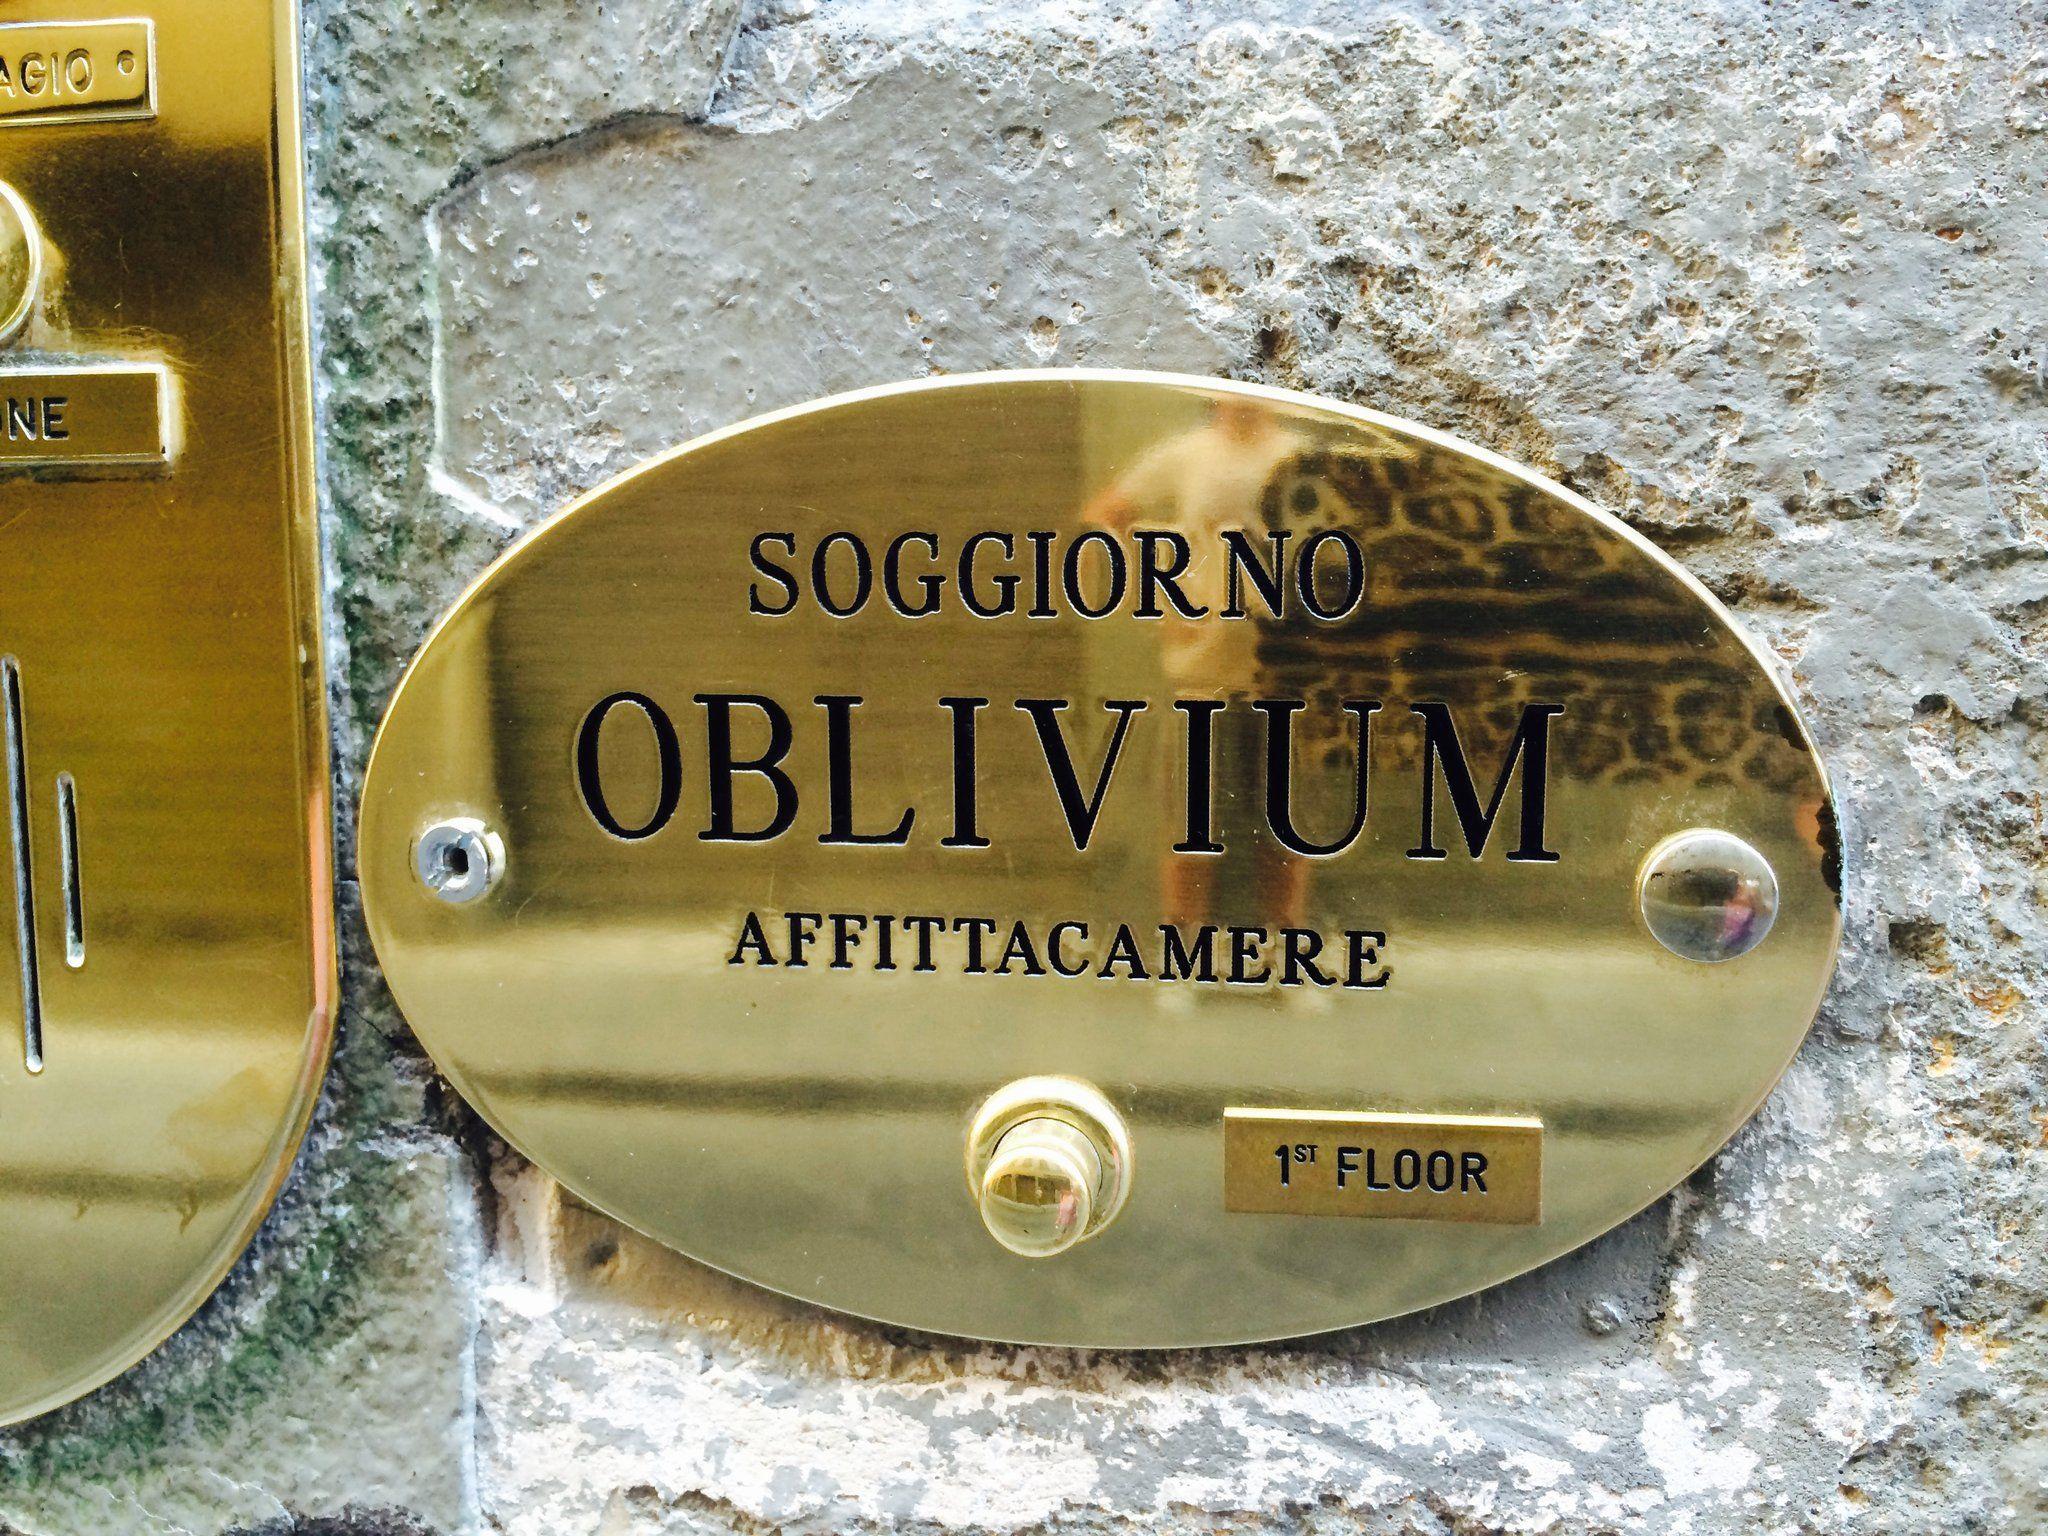 Soggiorno Oblivium